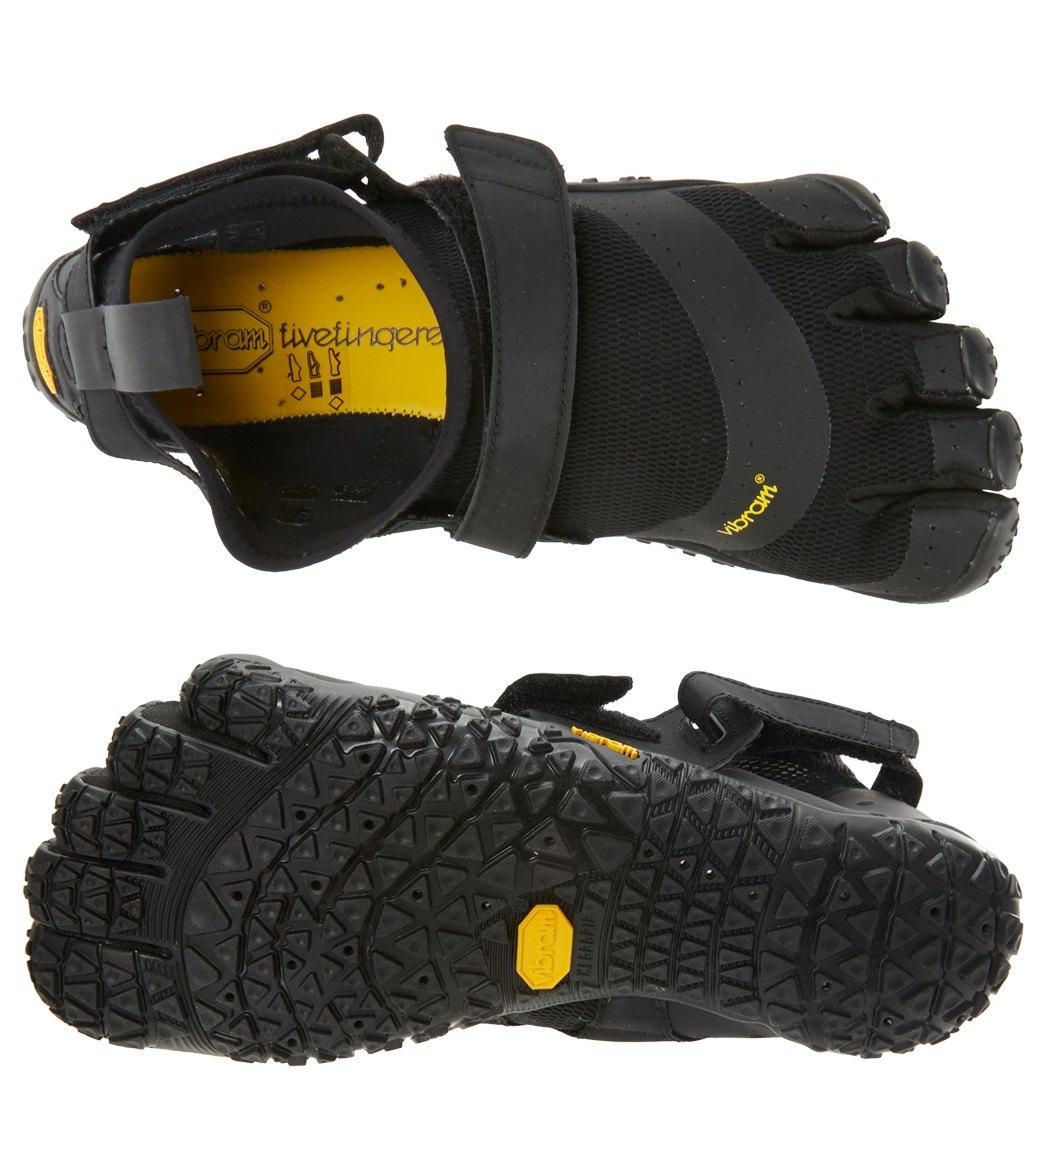 5c5264189e68 Vibram Fivefingers Men's V-Aqua Water Shoe